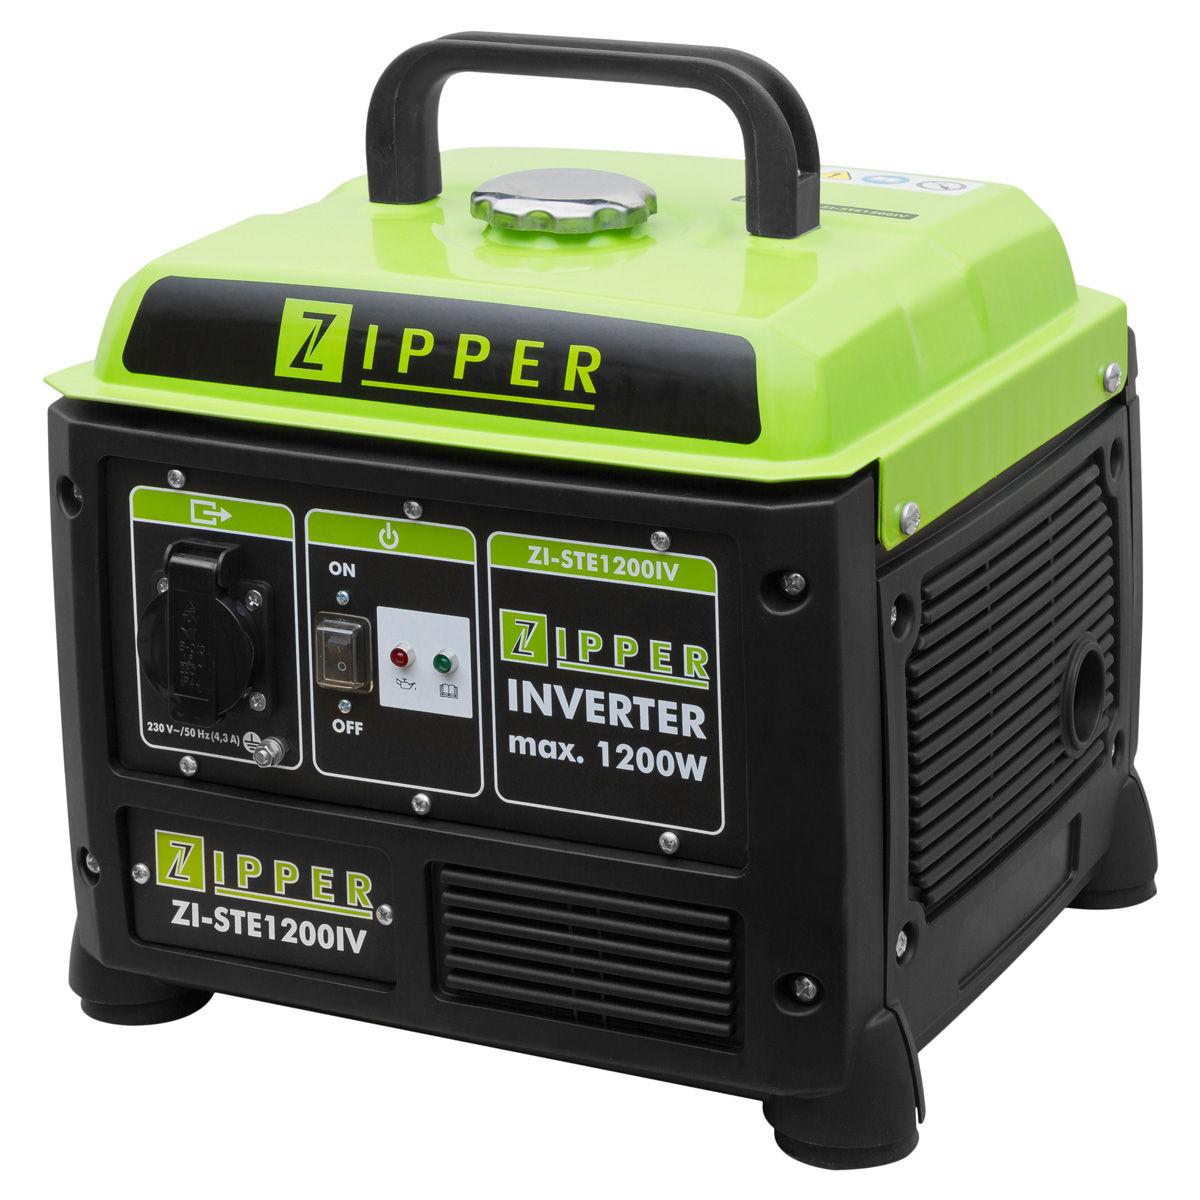 ZIPPER MASCHINEN ZI-STE1200IV γεννήτρια INVERTER 1200W